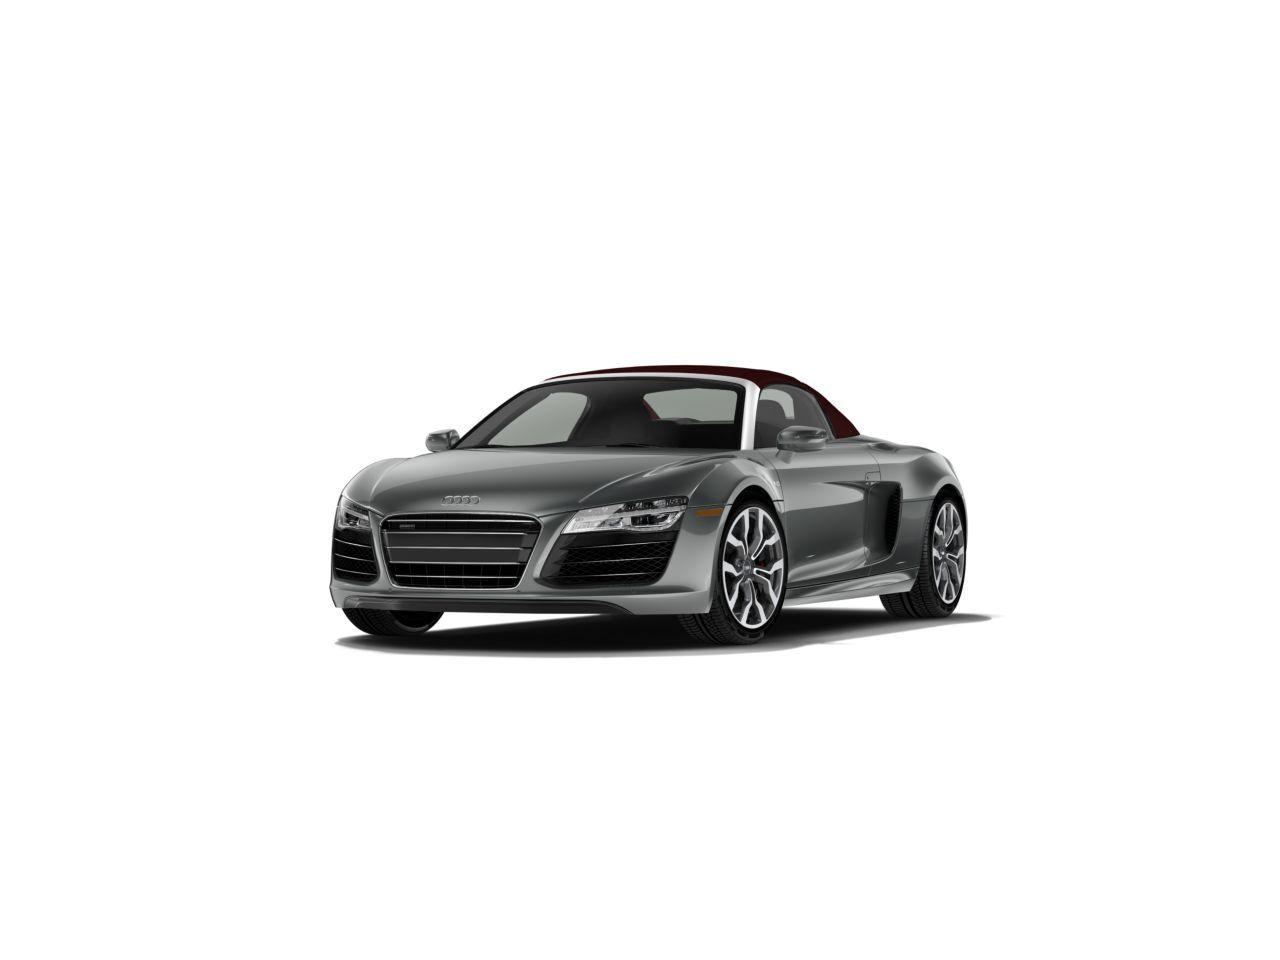 Build your own Audi R8 Spyder - Car configurator   Audi USA   pimp